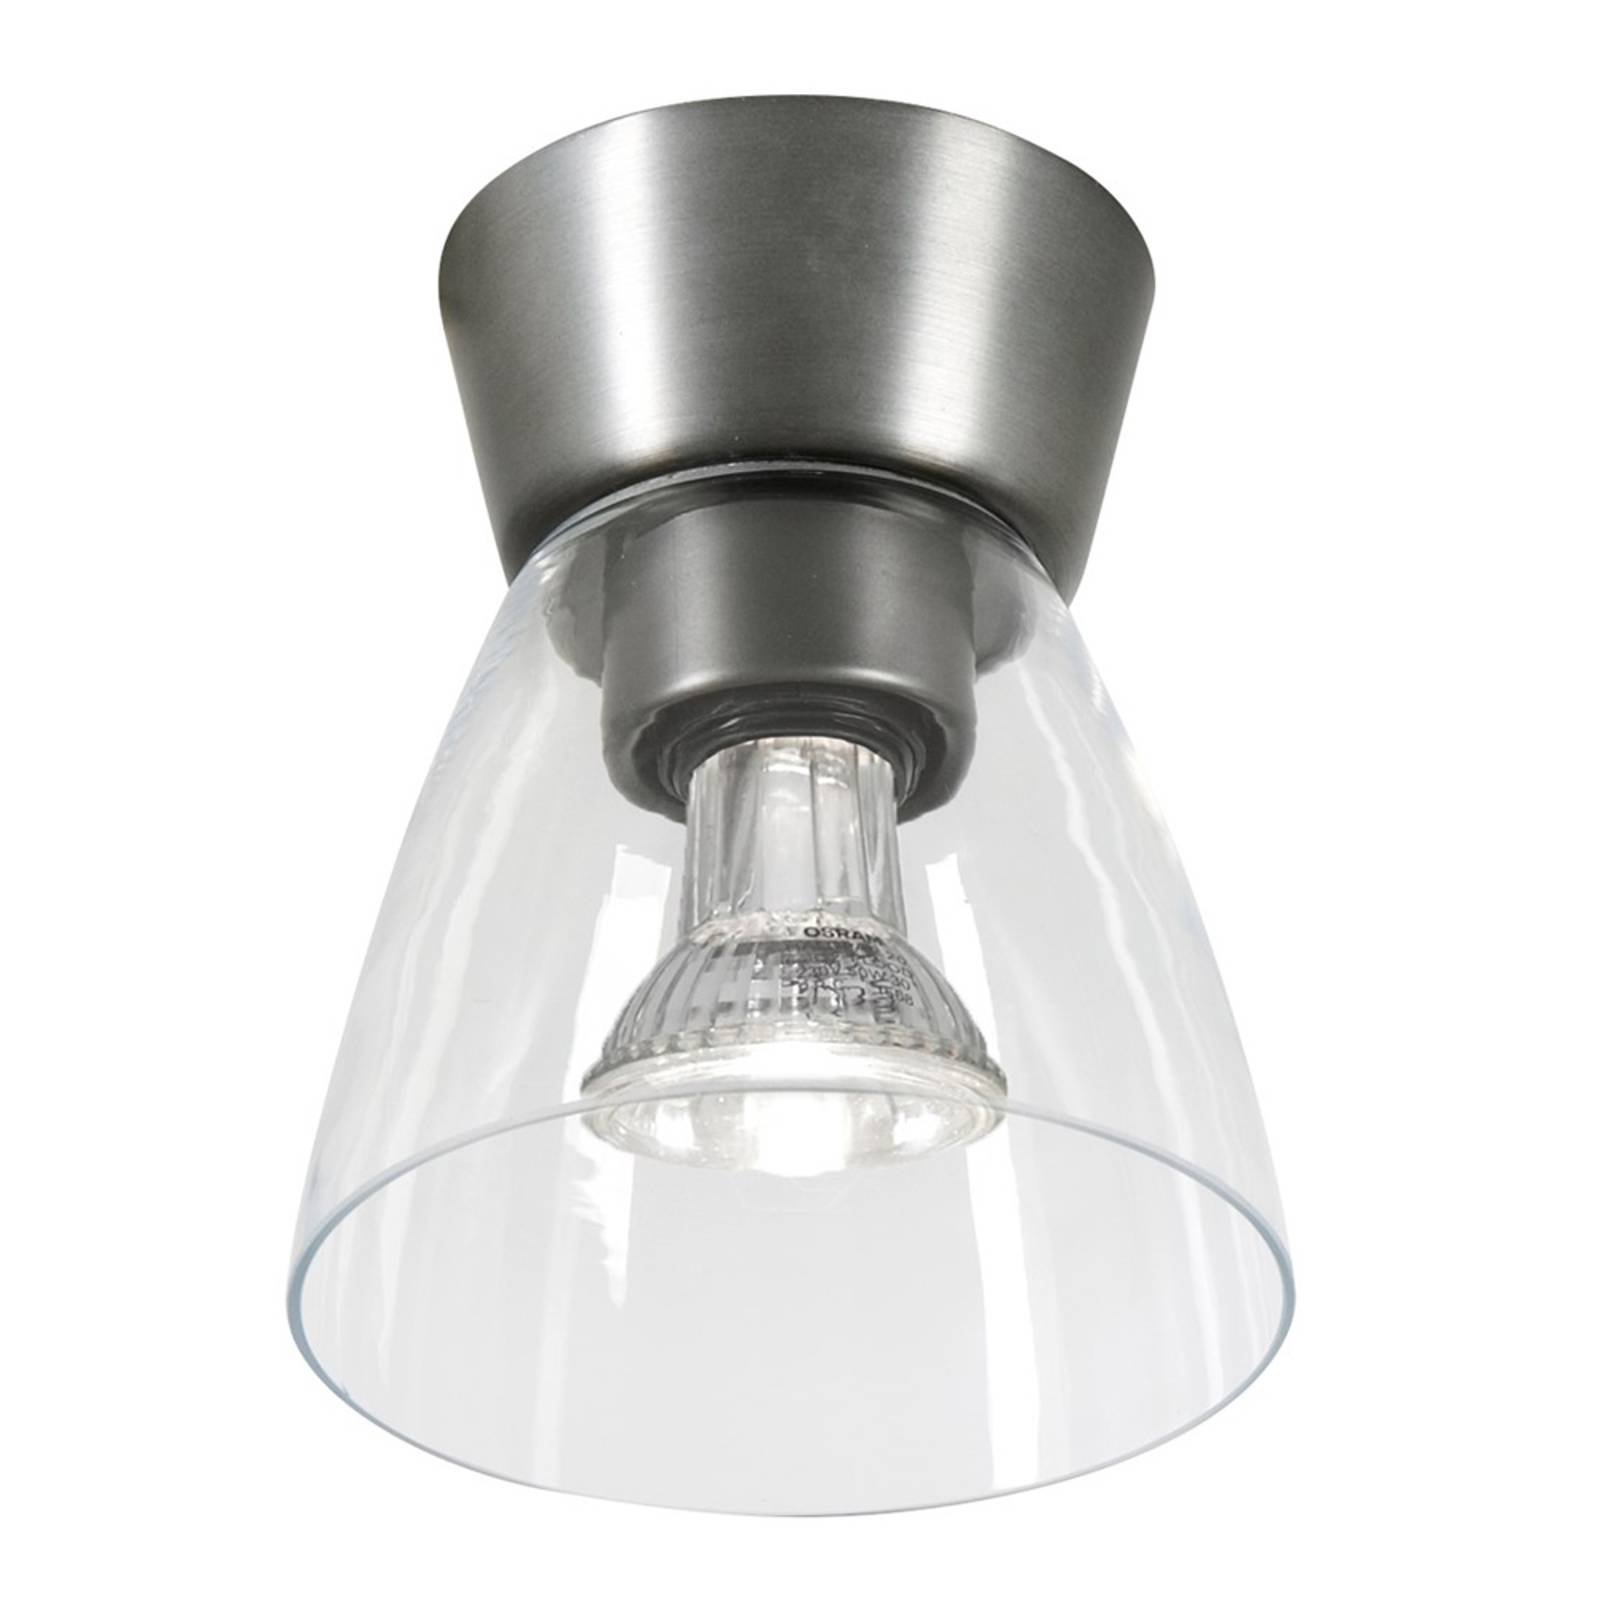 LED-taklampe Bizzo klart glass, oksidgrått